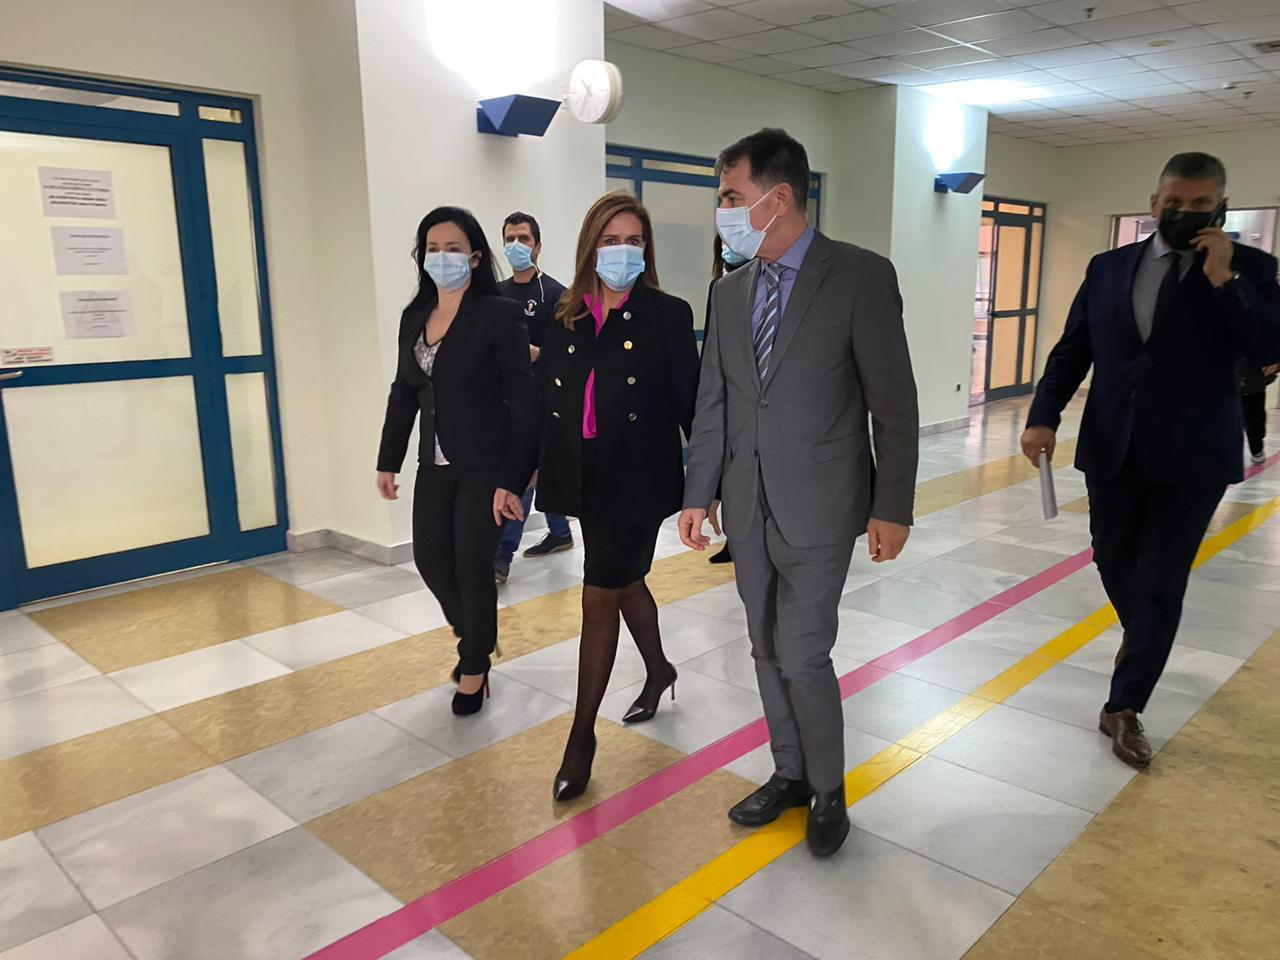 Επίσκεψη της Υφυπουργού υγείας στο Νοσοκομείο Αττικόν